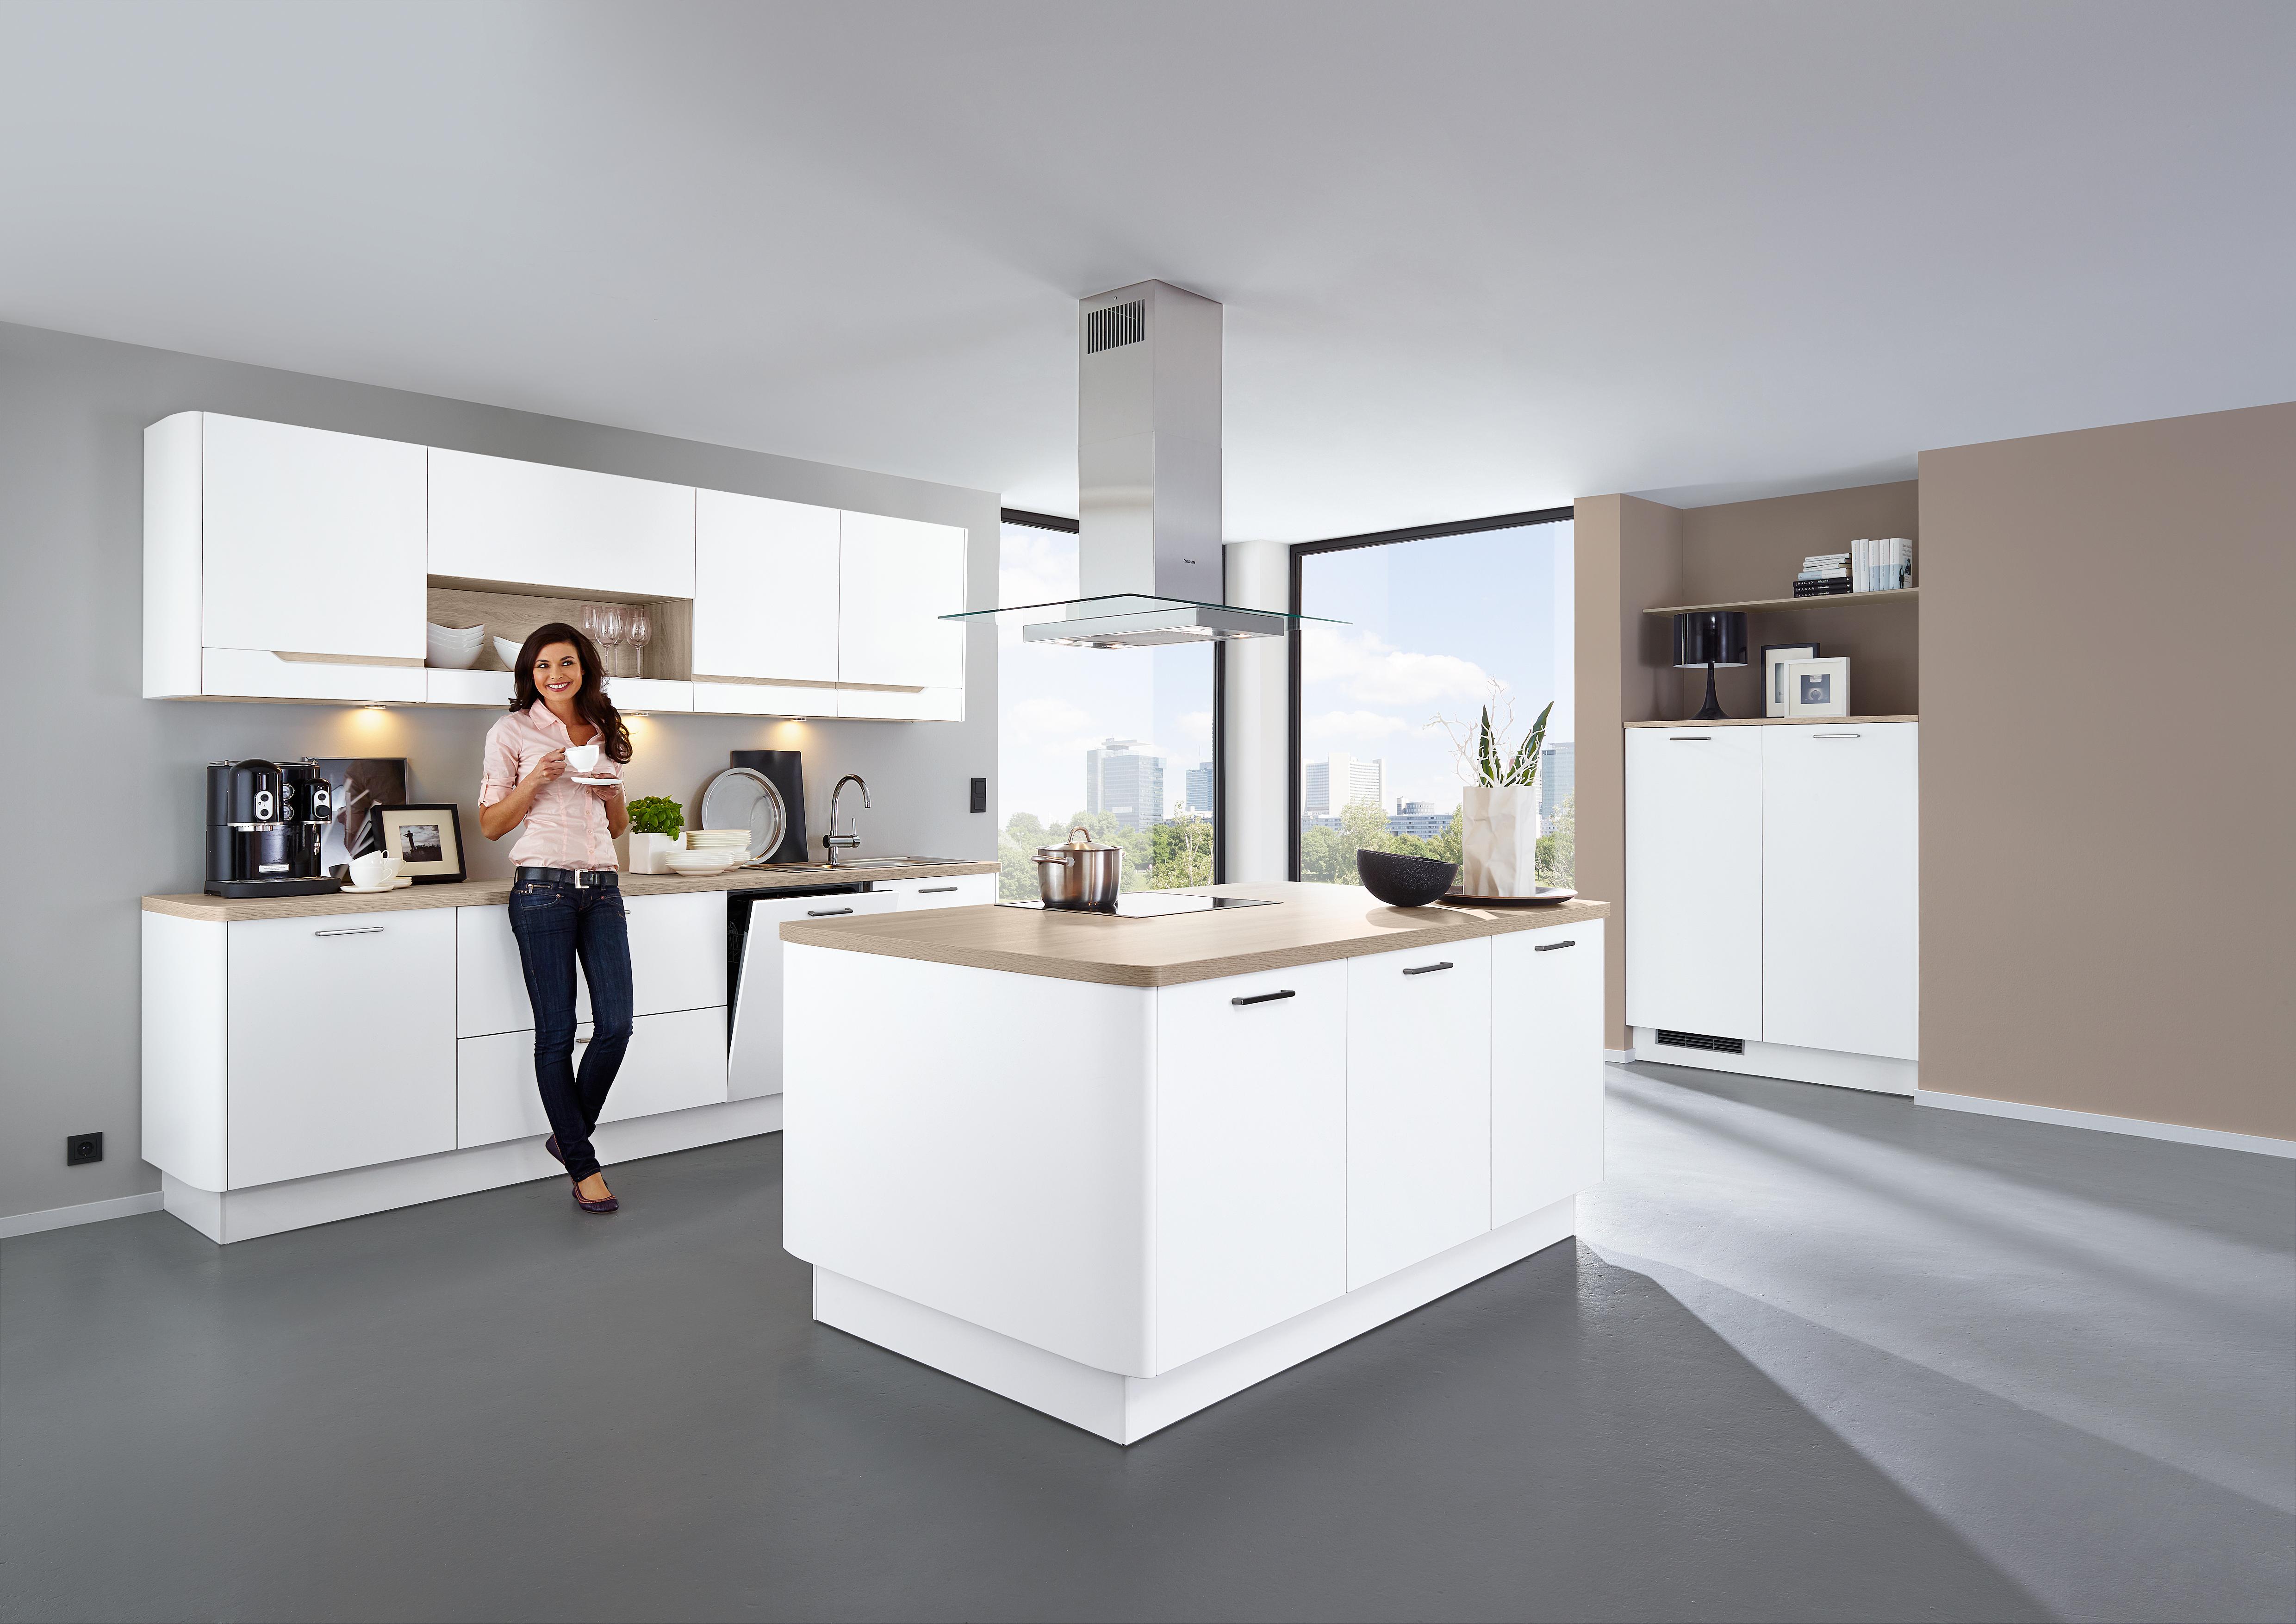 wohnwelt rheinfelden k chenm belherstellung rheinfelden. Black Bedroom Furniture Sets. Home Design Ideas